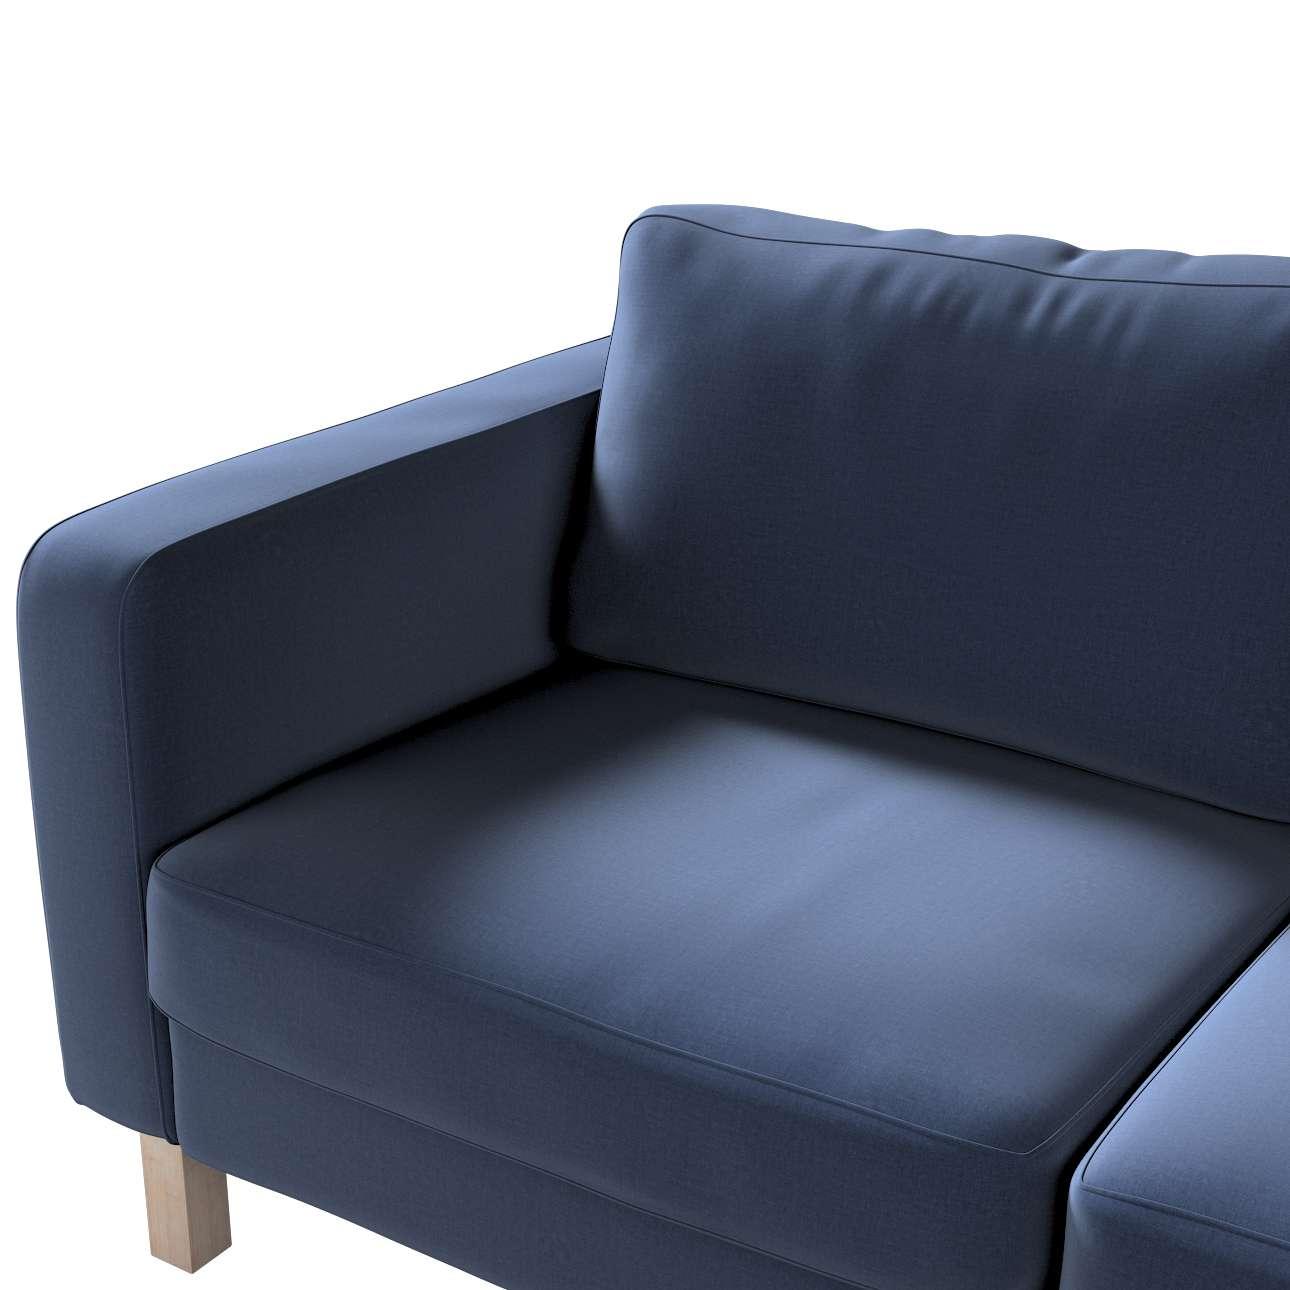 Karlstad klädsel 2-sits soffa - kort i kollektionen Ingrid, Tyg: 705-39